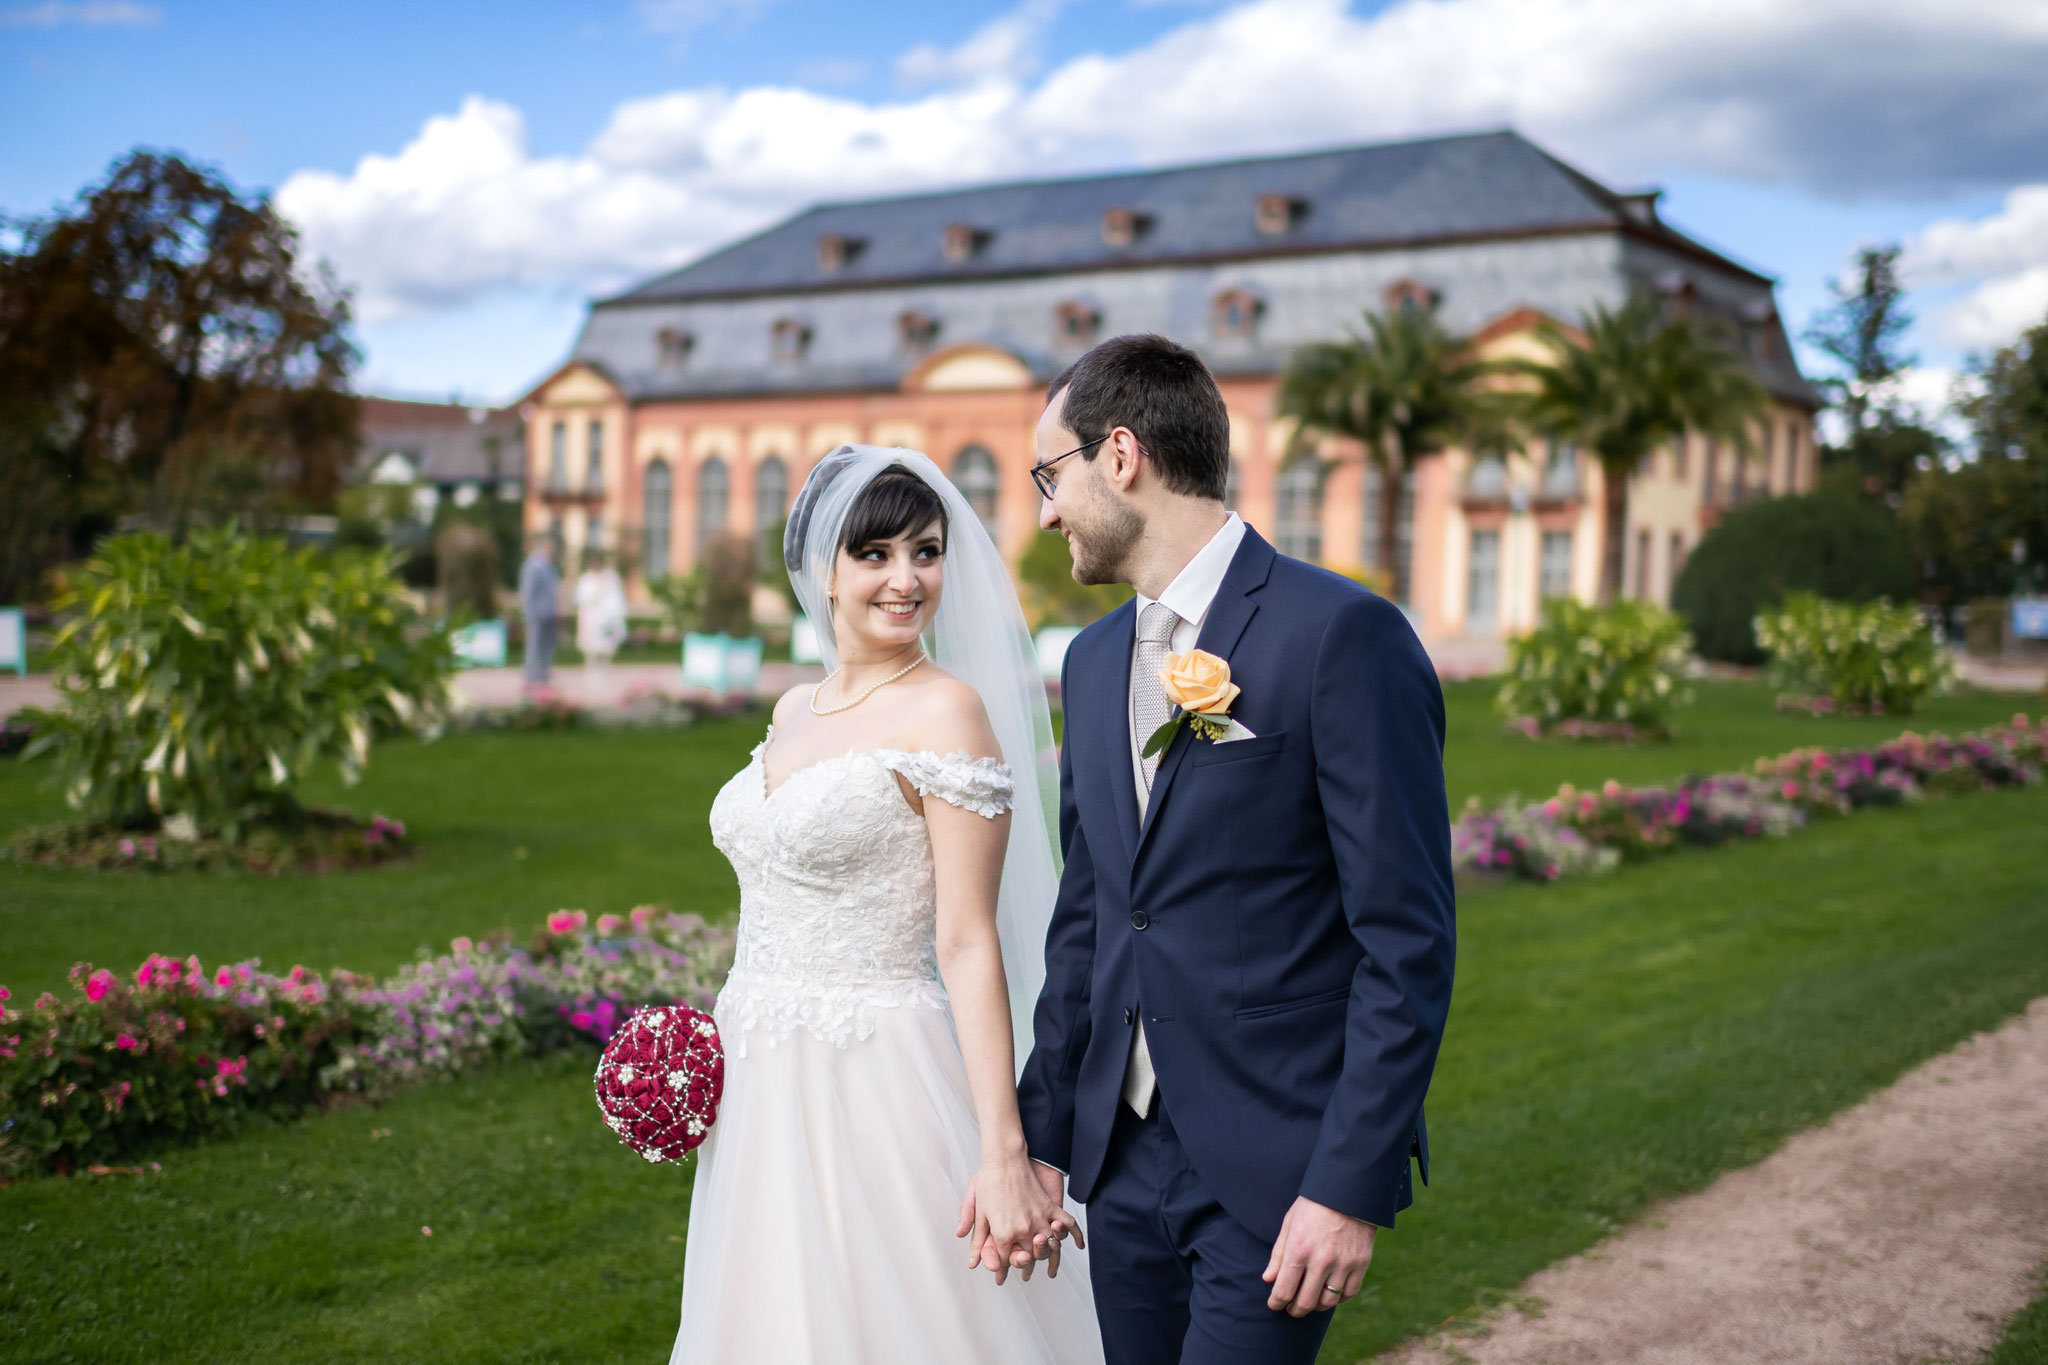 Brautpaarshooting mit Hochzeitsfotograf und Videograf in der Orangerie in Darmstadt